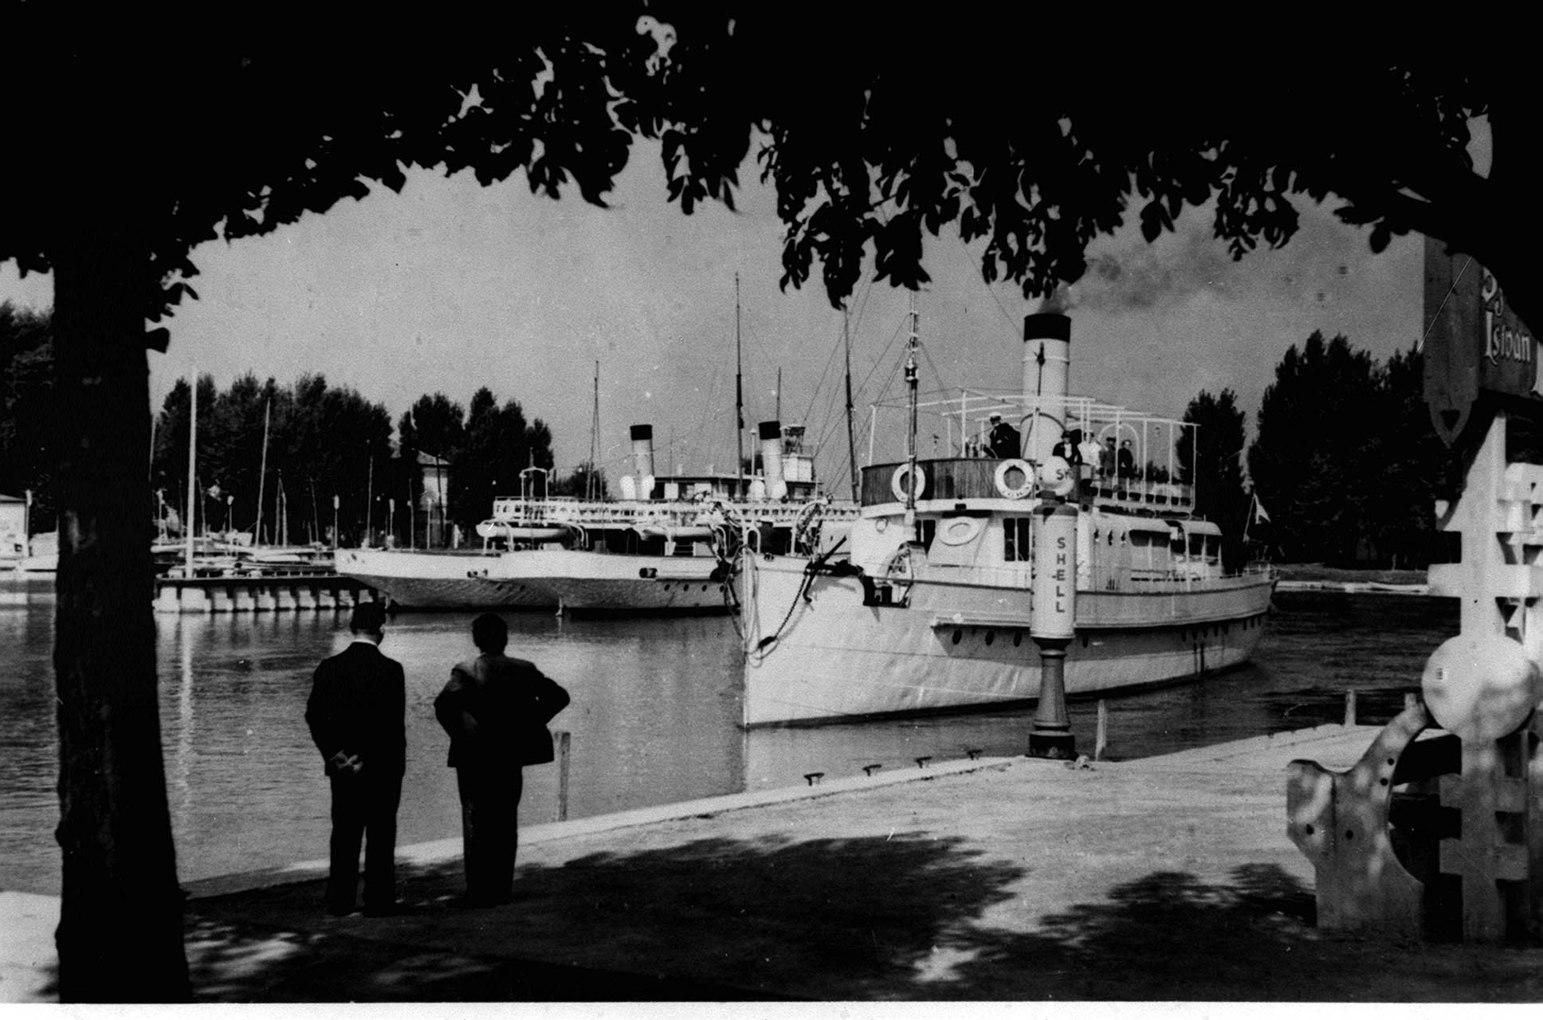 Budapest, 1987. január 18. Pesten 1846 áprilisában Széchenyi István elnökletével megalakult a Balaton Gőzhajózási Társaság, melynek alapszabály-tervezetét Kossuth írta. Az első balatoni gőzhajót szeptember 21-én - Széchenyi 55. születésnapján -  bocsátották vízre. A képen: a Jókai gőzhajó a siófoki kikötőben. MTI Fotó: Reprodukció